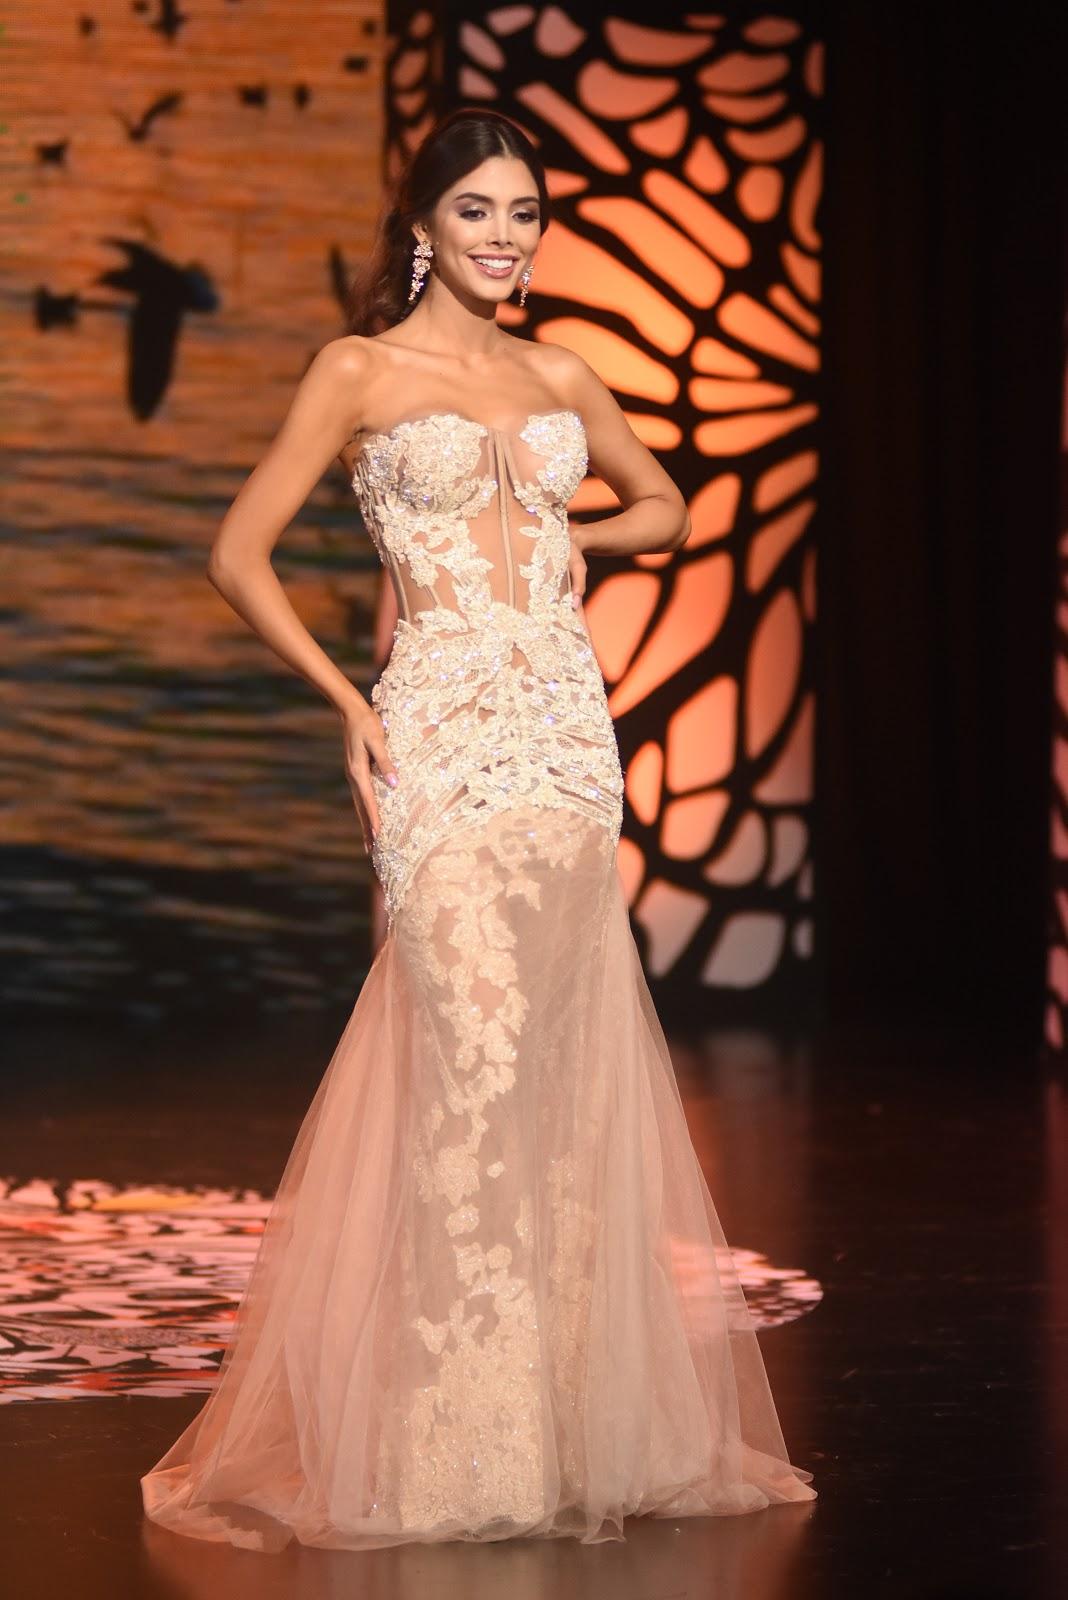 Señorita Colombia 2019 Al Fin Ganó La Del Vestido De Color